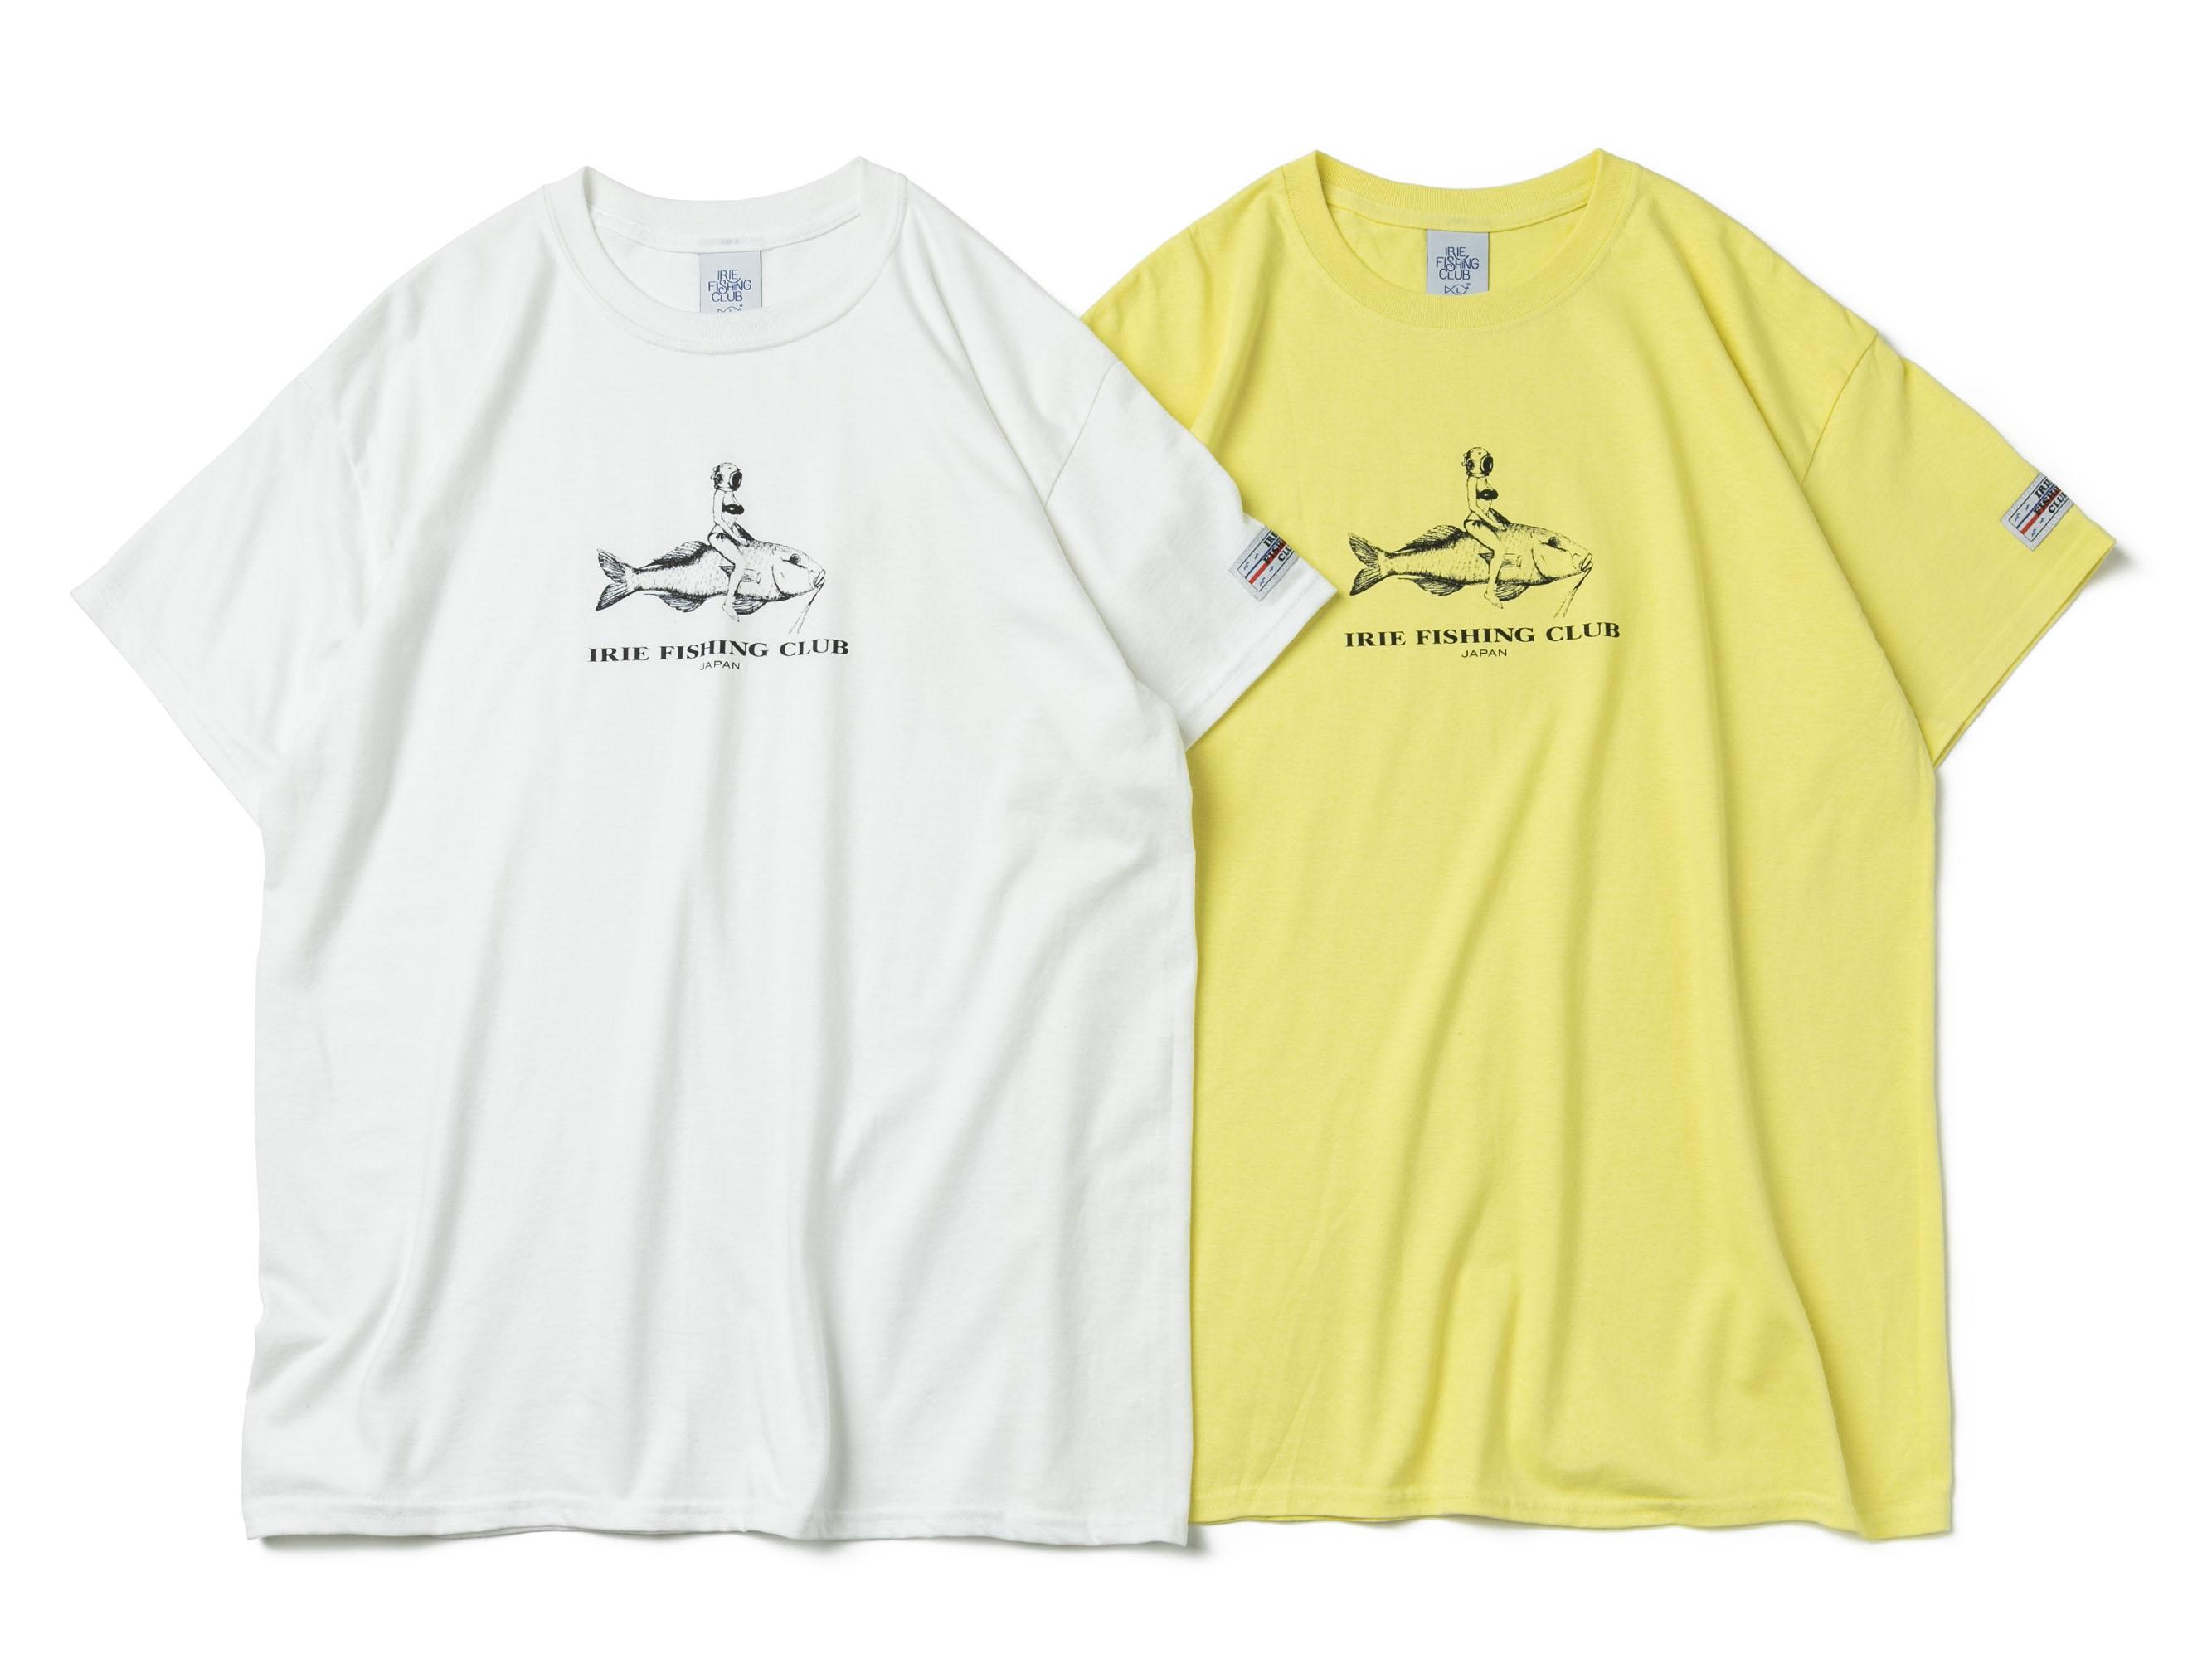 BEAUTY AND DANDY TEE - IRIE FISHING CLUB